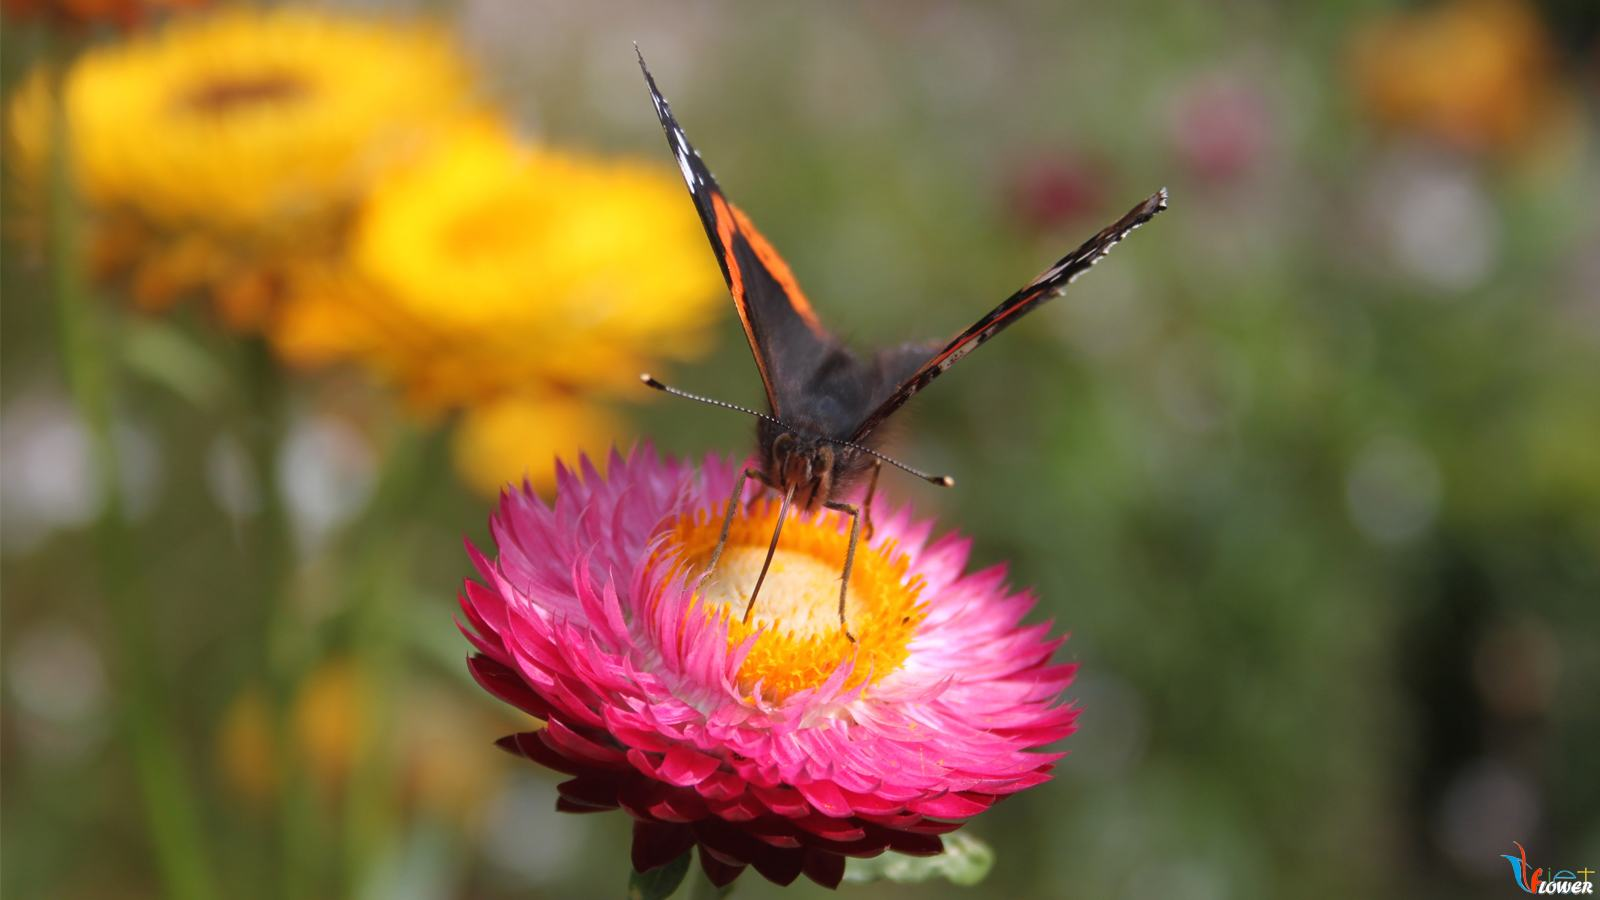 hoa bất tử và bướm